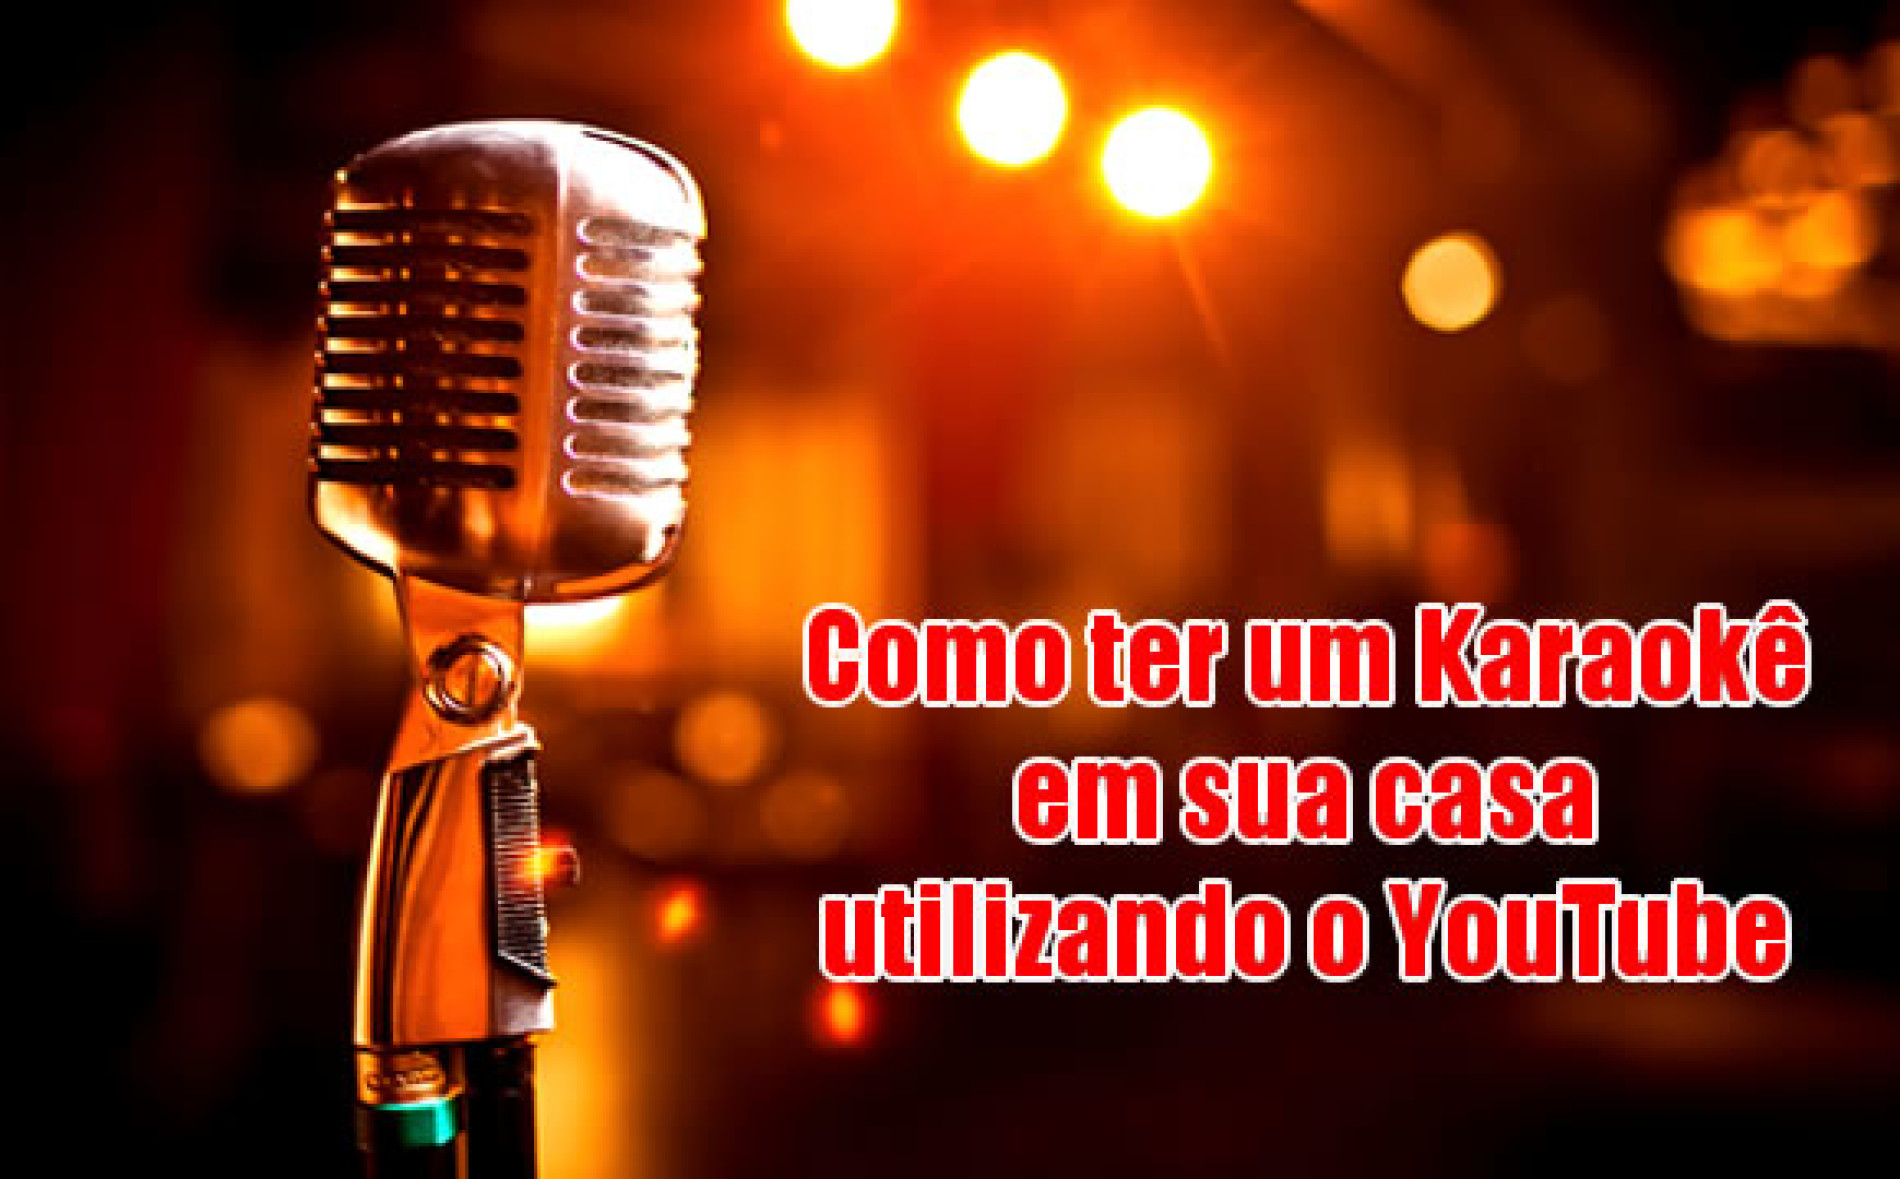 Como ter um Karaoke em casa com o YouTube